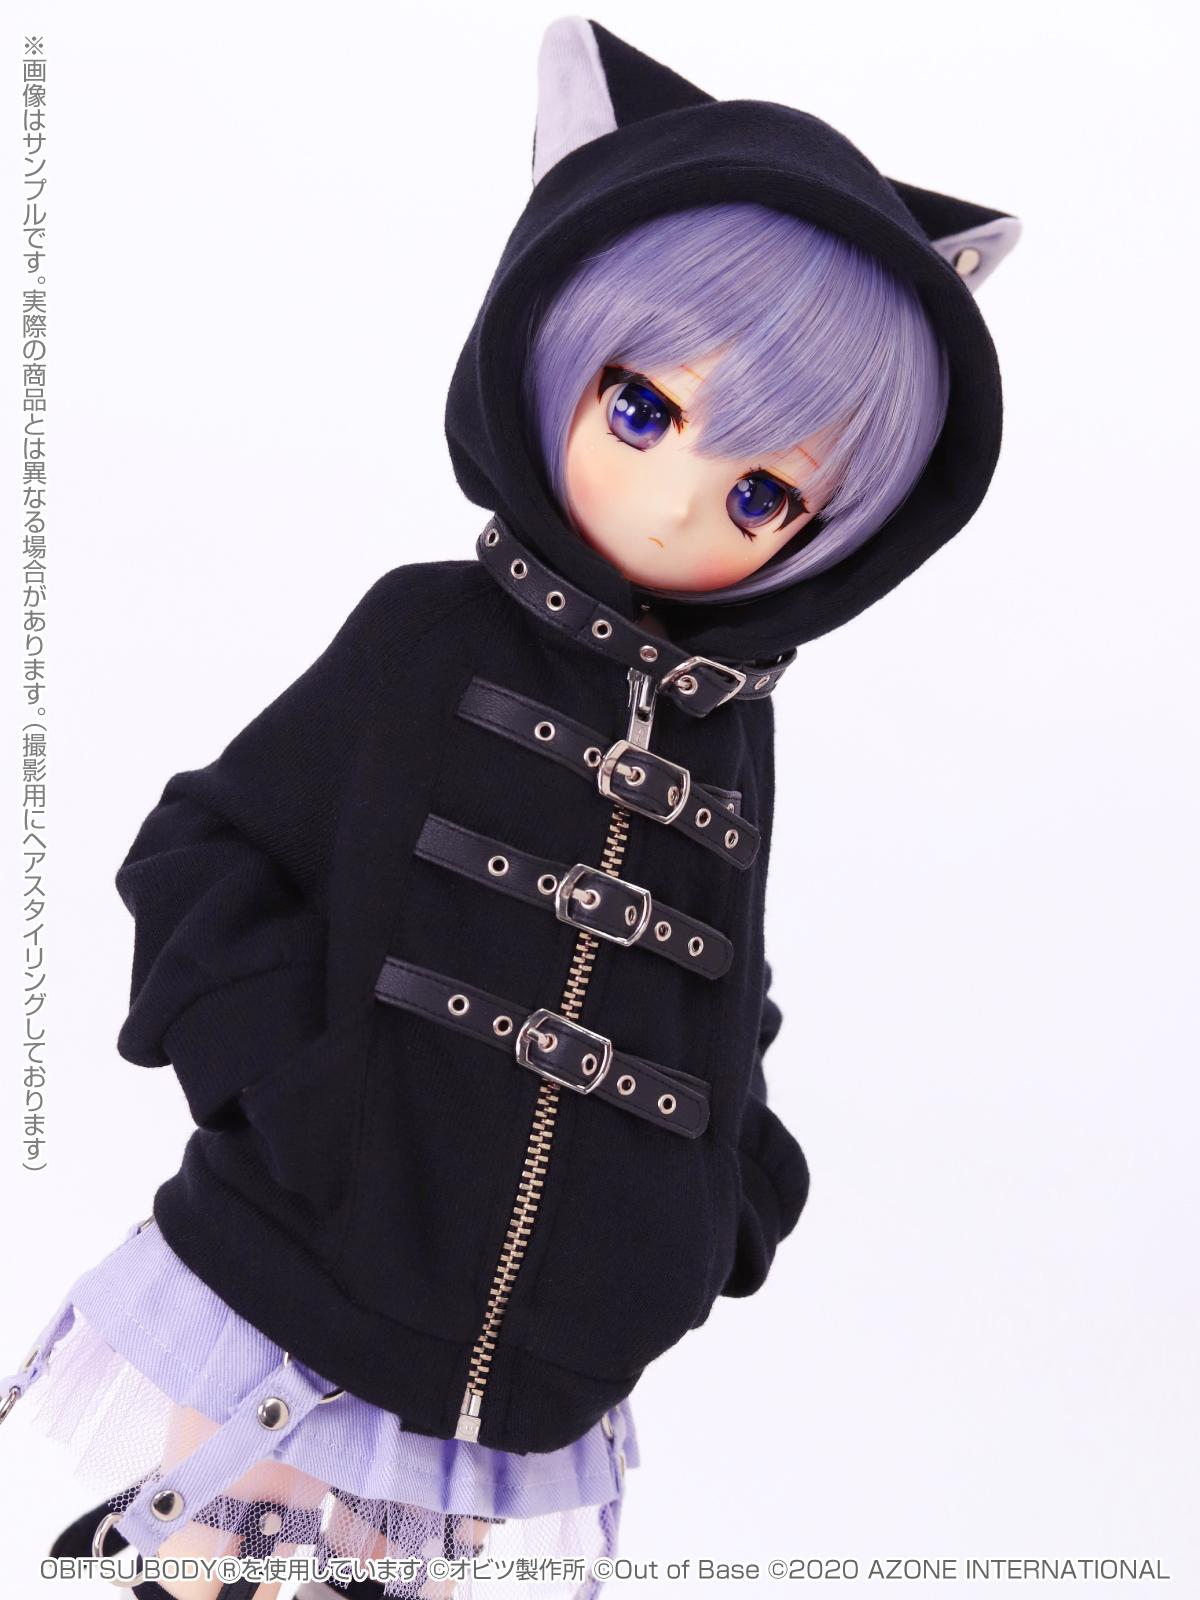 【限定販売】Iris Collect petit『すずね/Noraneko drops ver.1.1(アゾンダイレクトストア販売ver.)』1/3 完成品ドール-011